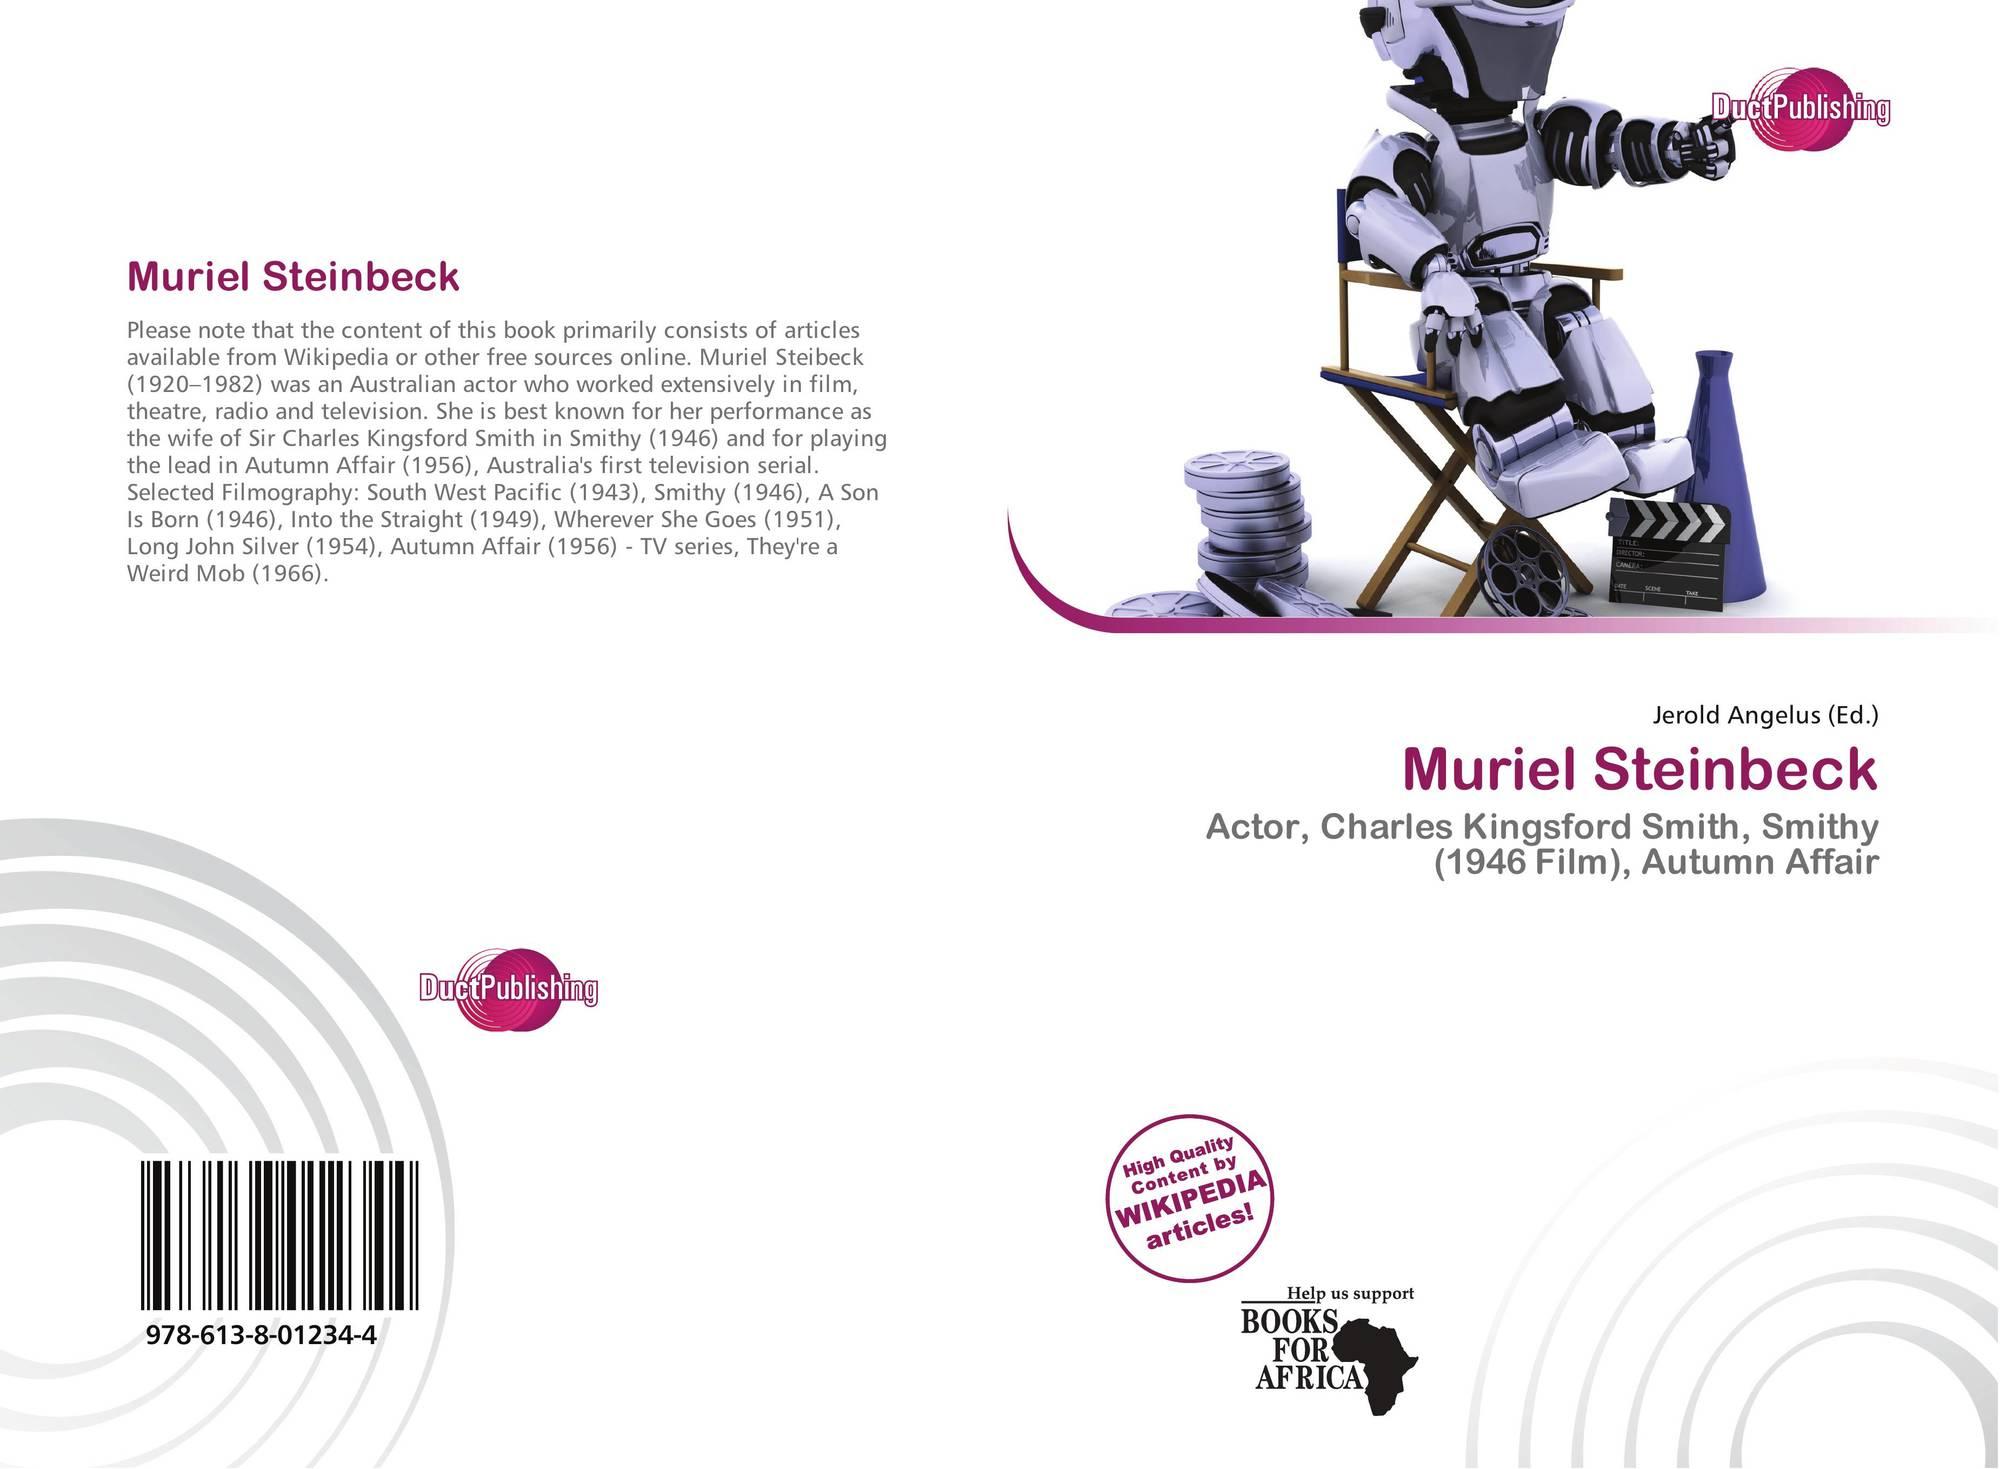 Muriel Steinbeck Muriel Steinbeck new picture